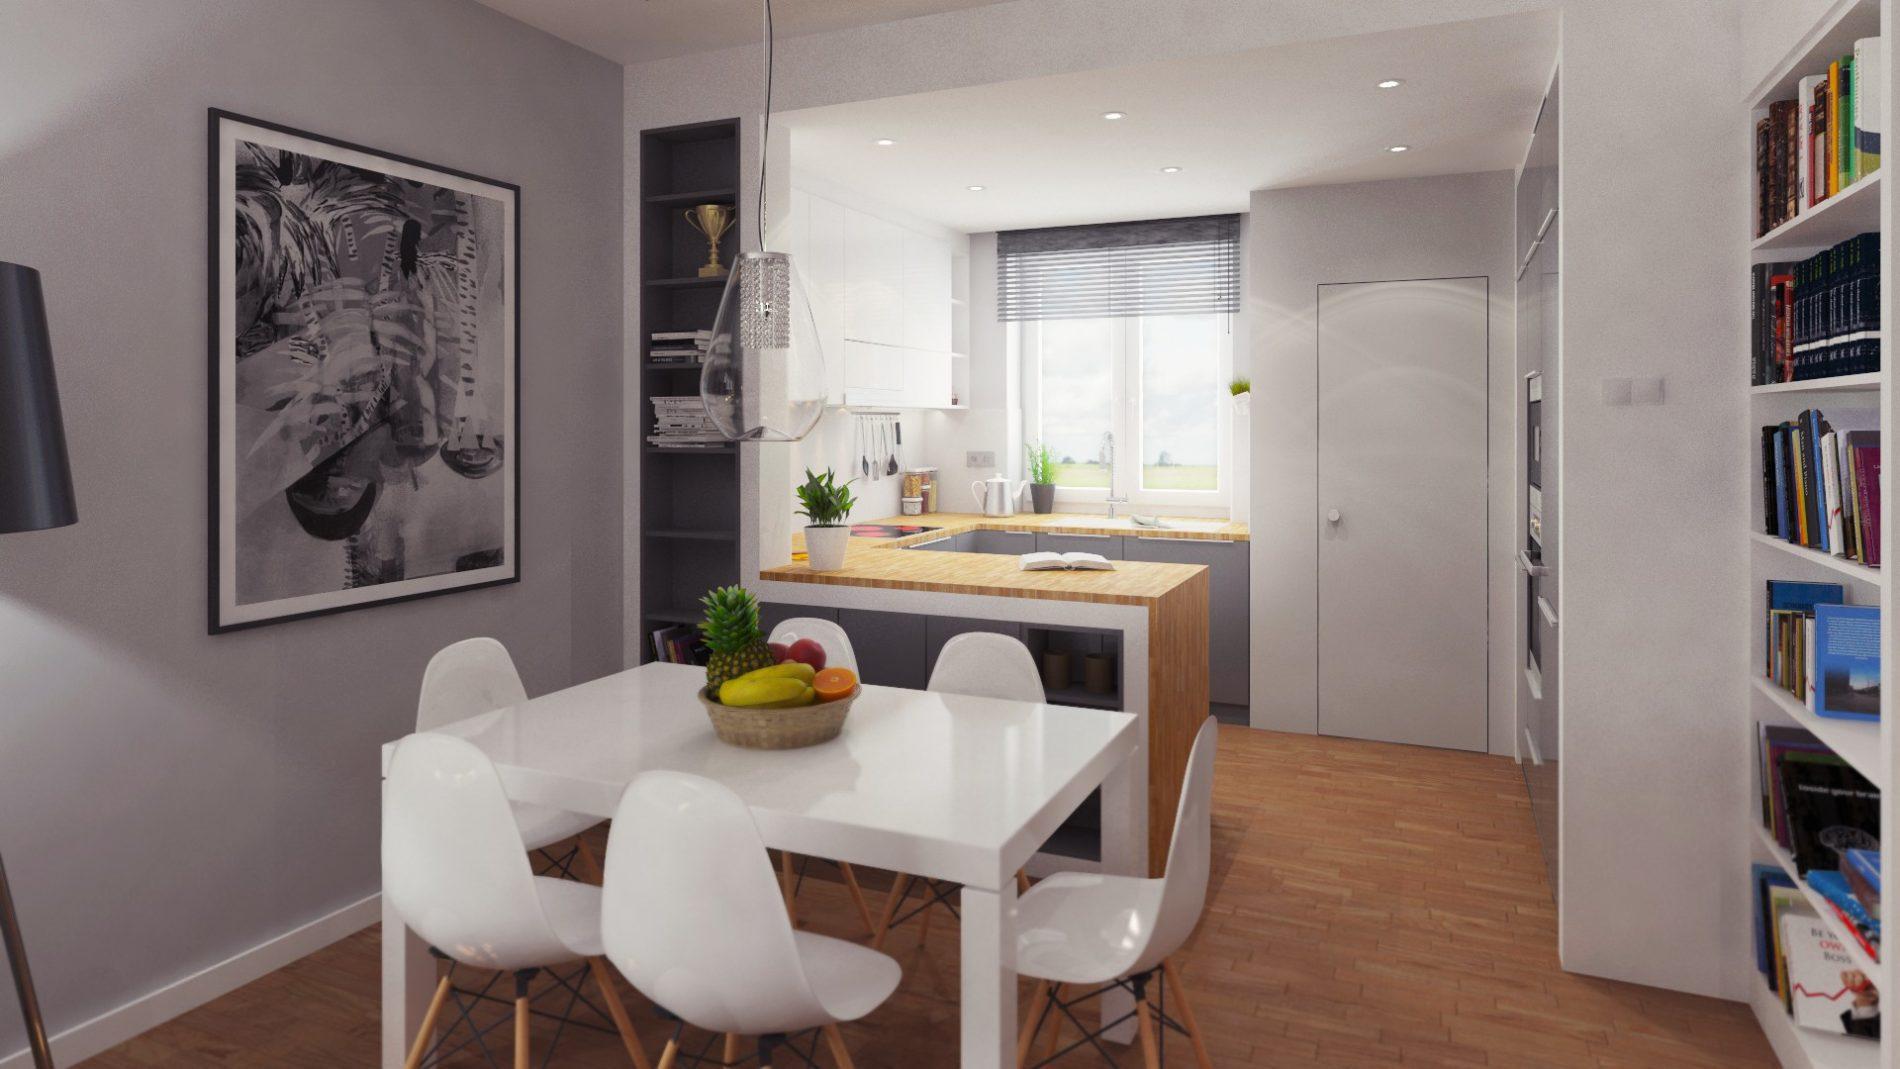 wizualizacja mieszkania kuchnia jadalnia katowice śląsk